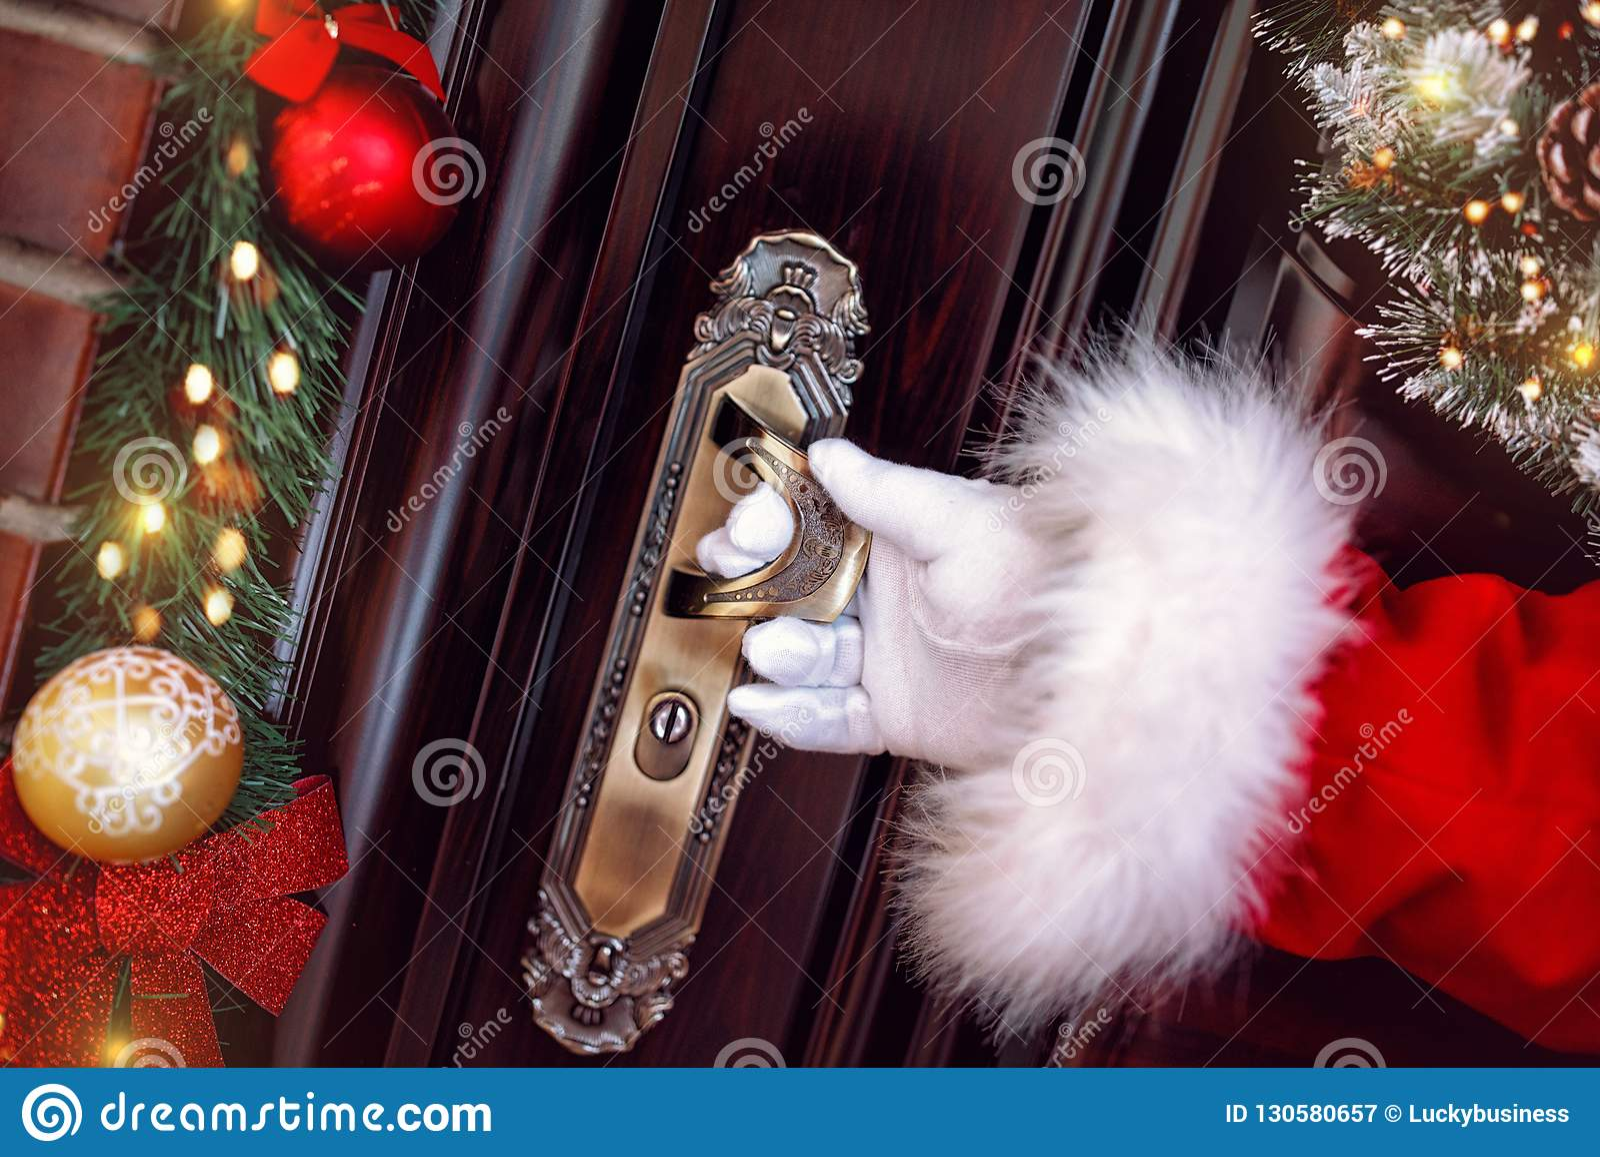 La Navidad, los días de fiesta y el concepto de la gente llega Santa Claus